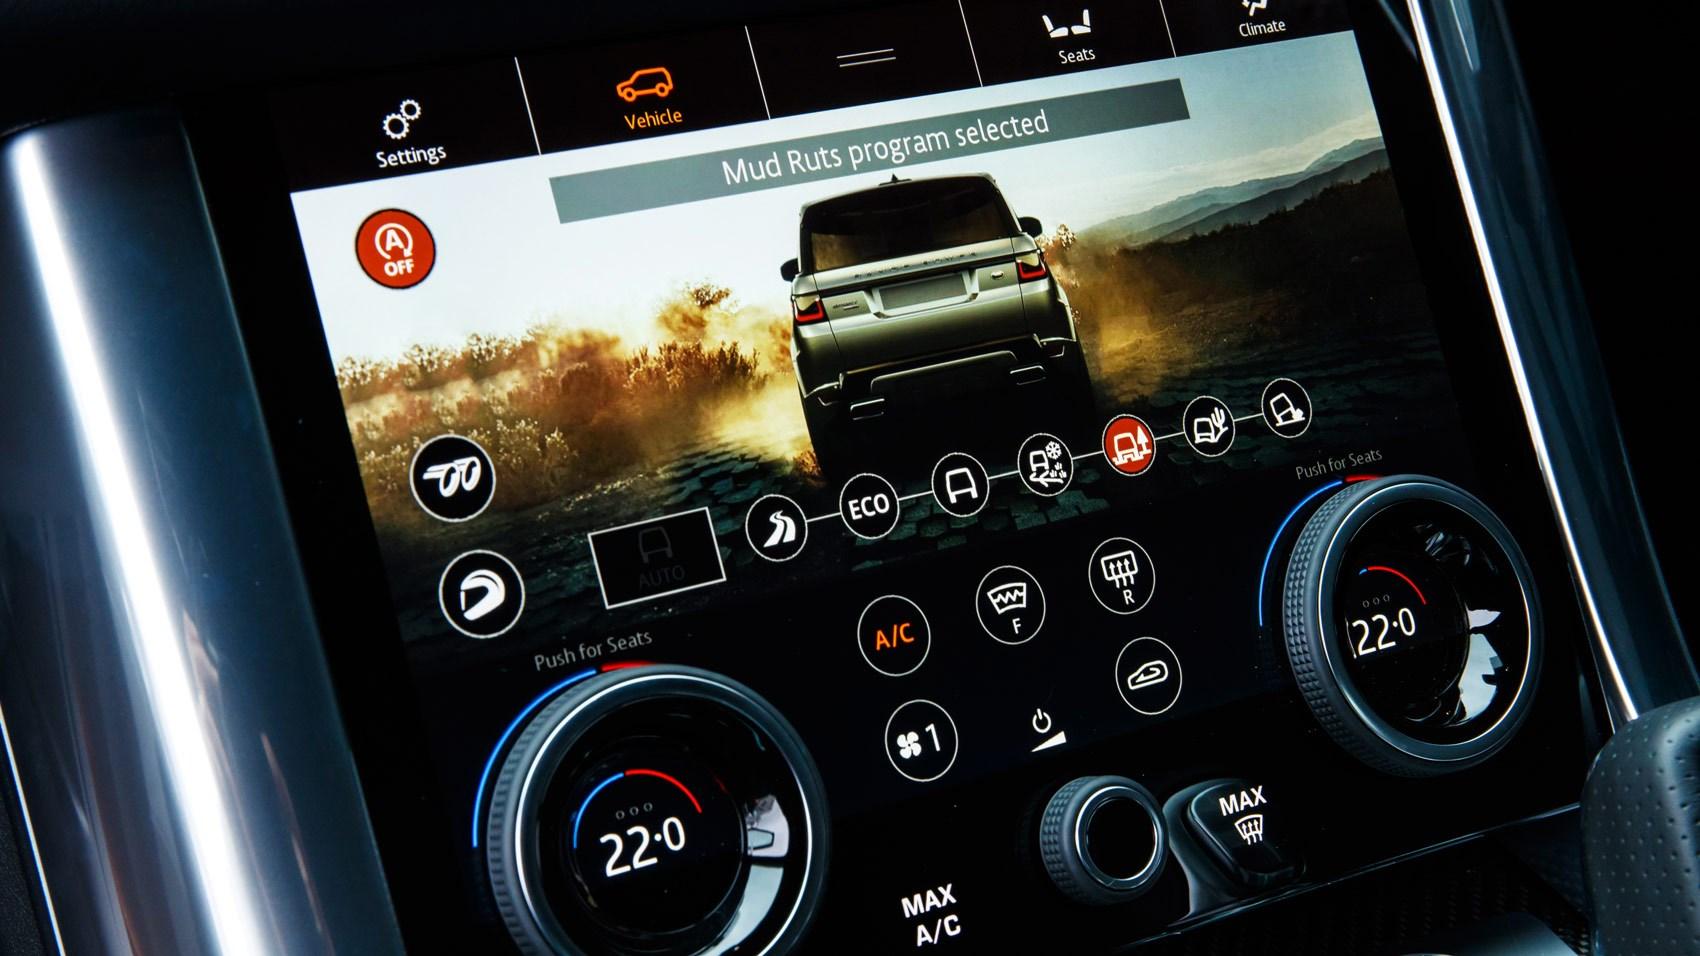 Range Rover Sport SVR 2018 terrain response